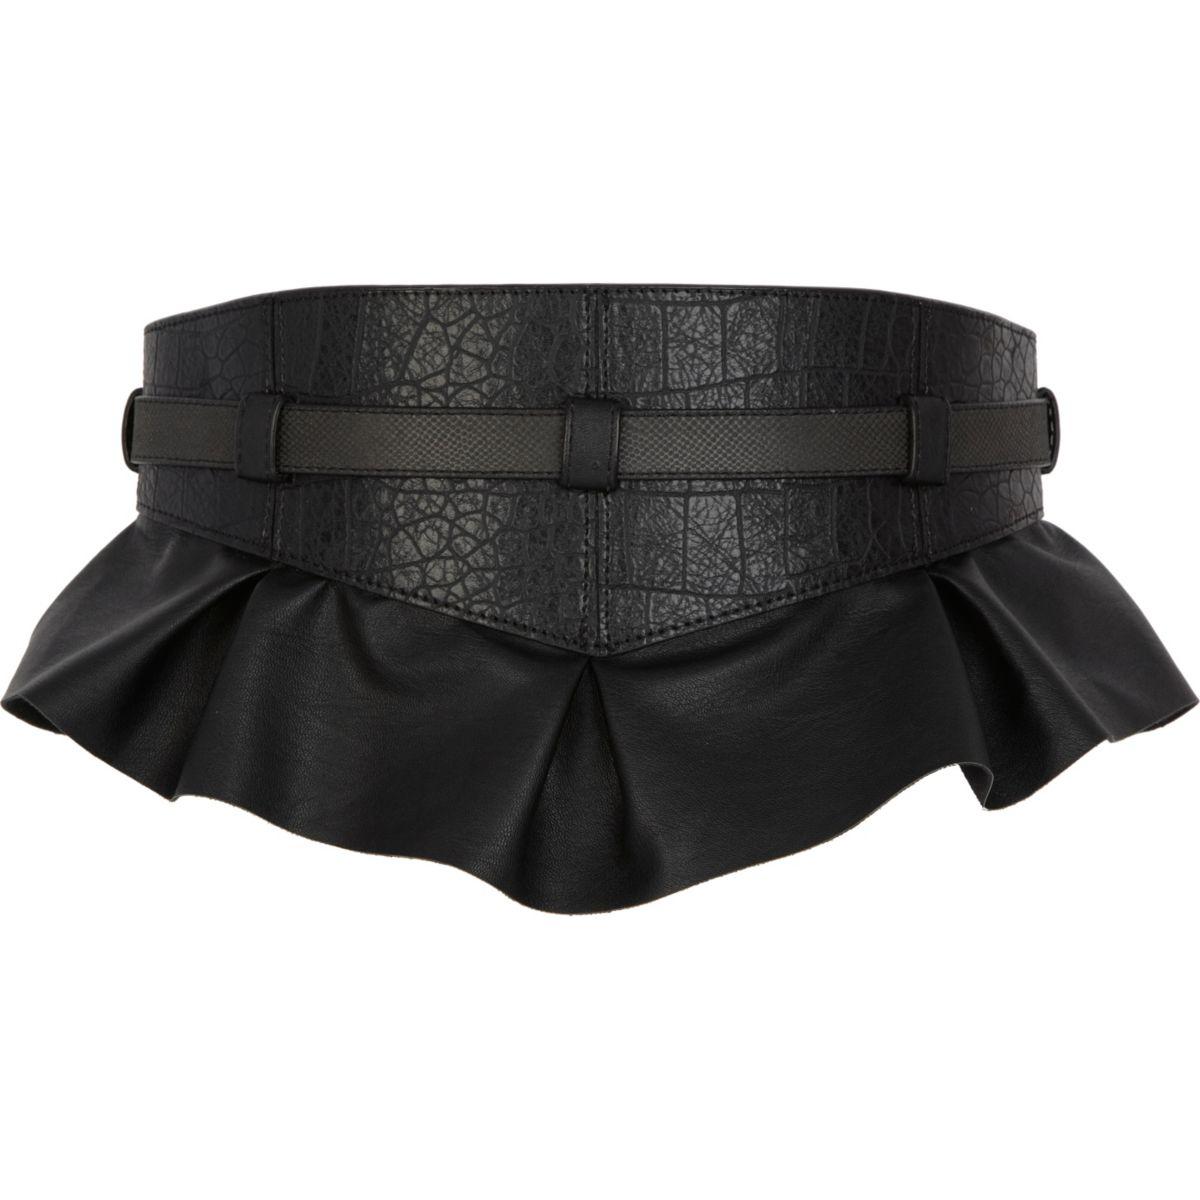 Black peplum waist belt